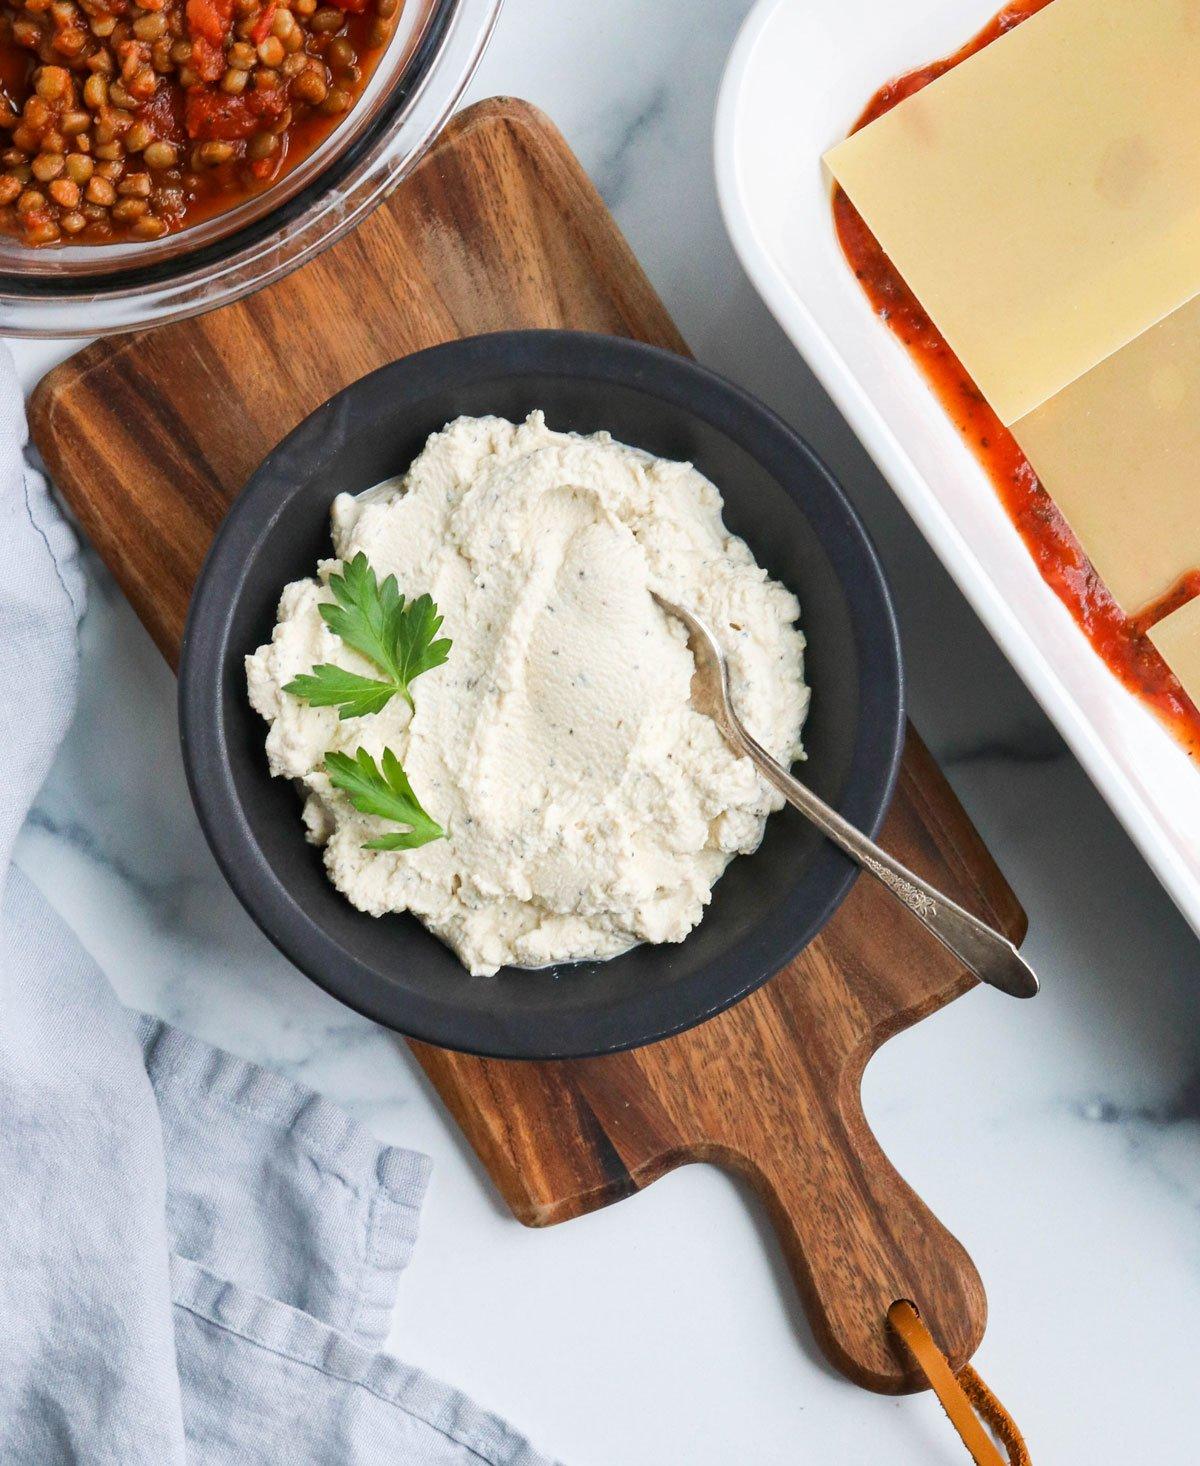 vegan ricotta next to lasagna ingredients